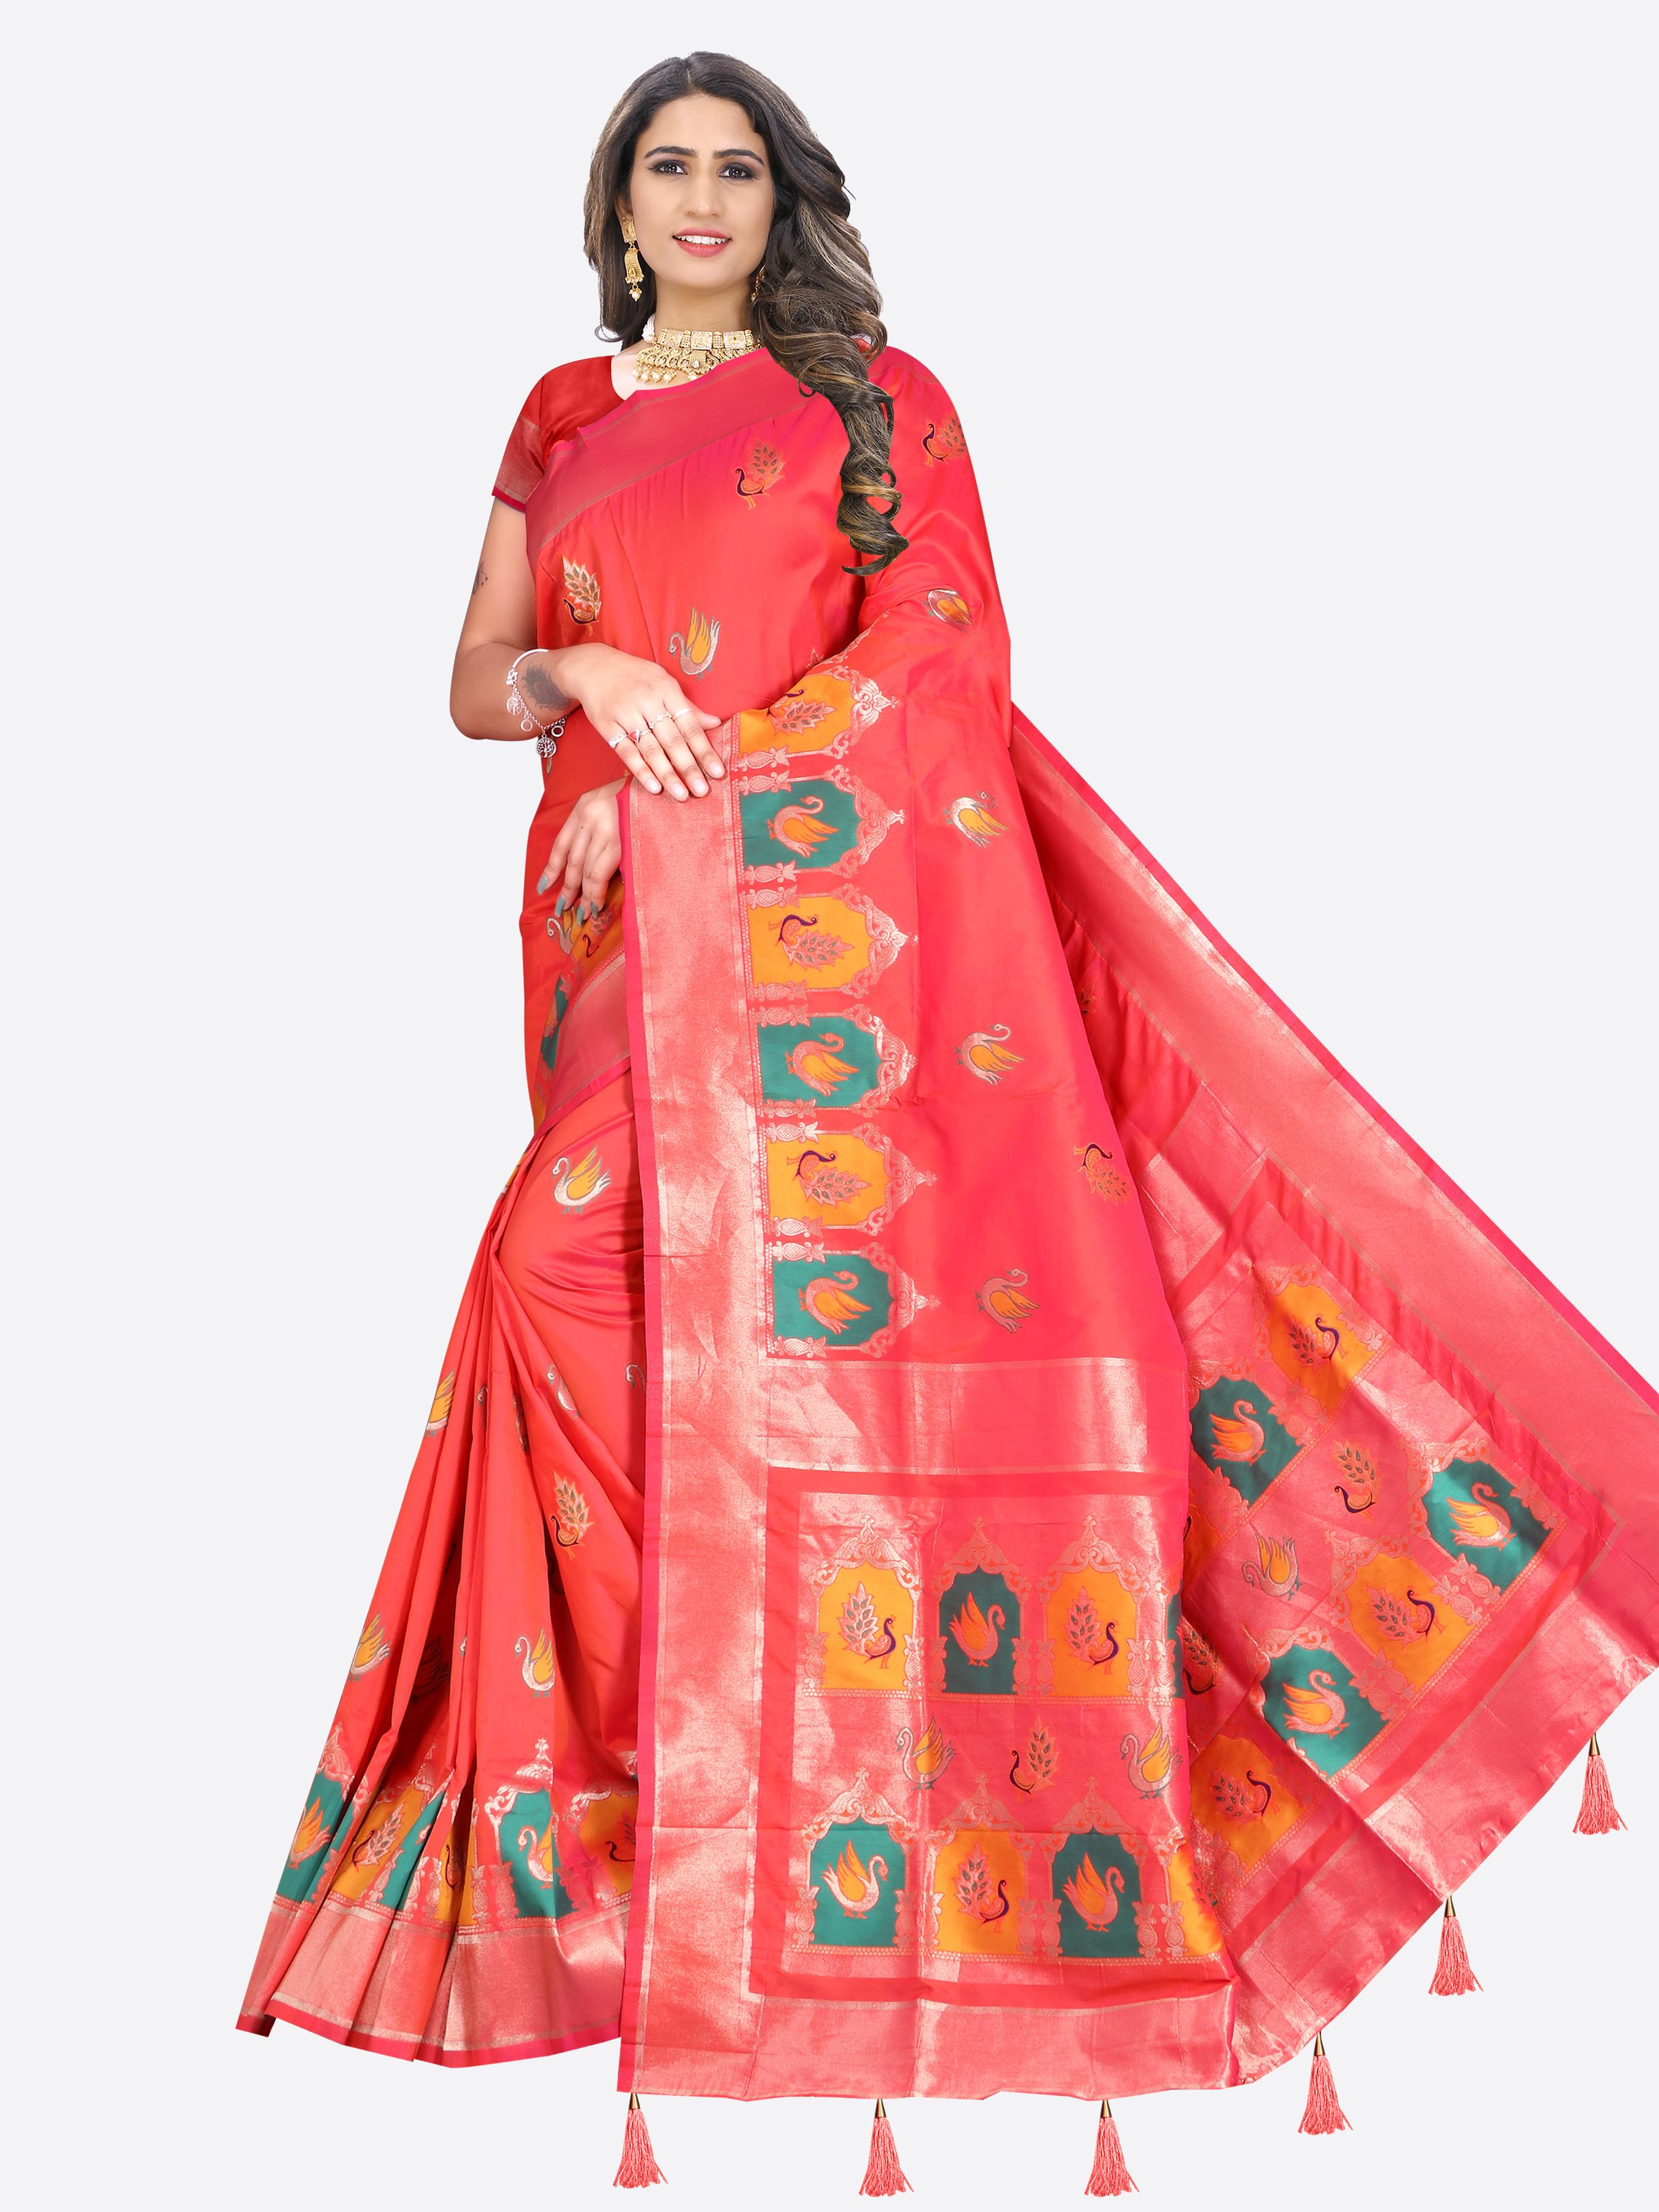 Glemora | Glemora Saree for Women Banarasi Silk With Blouse, Women Silk Sarees ( Light Pink )